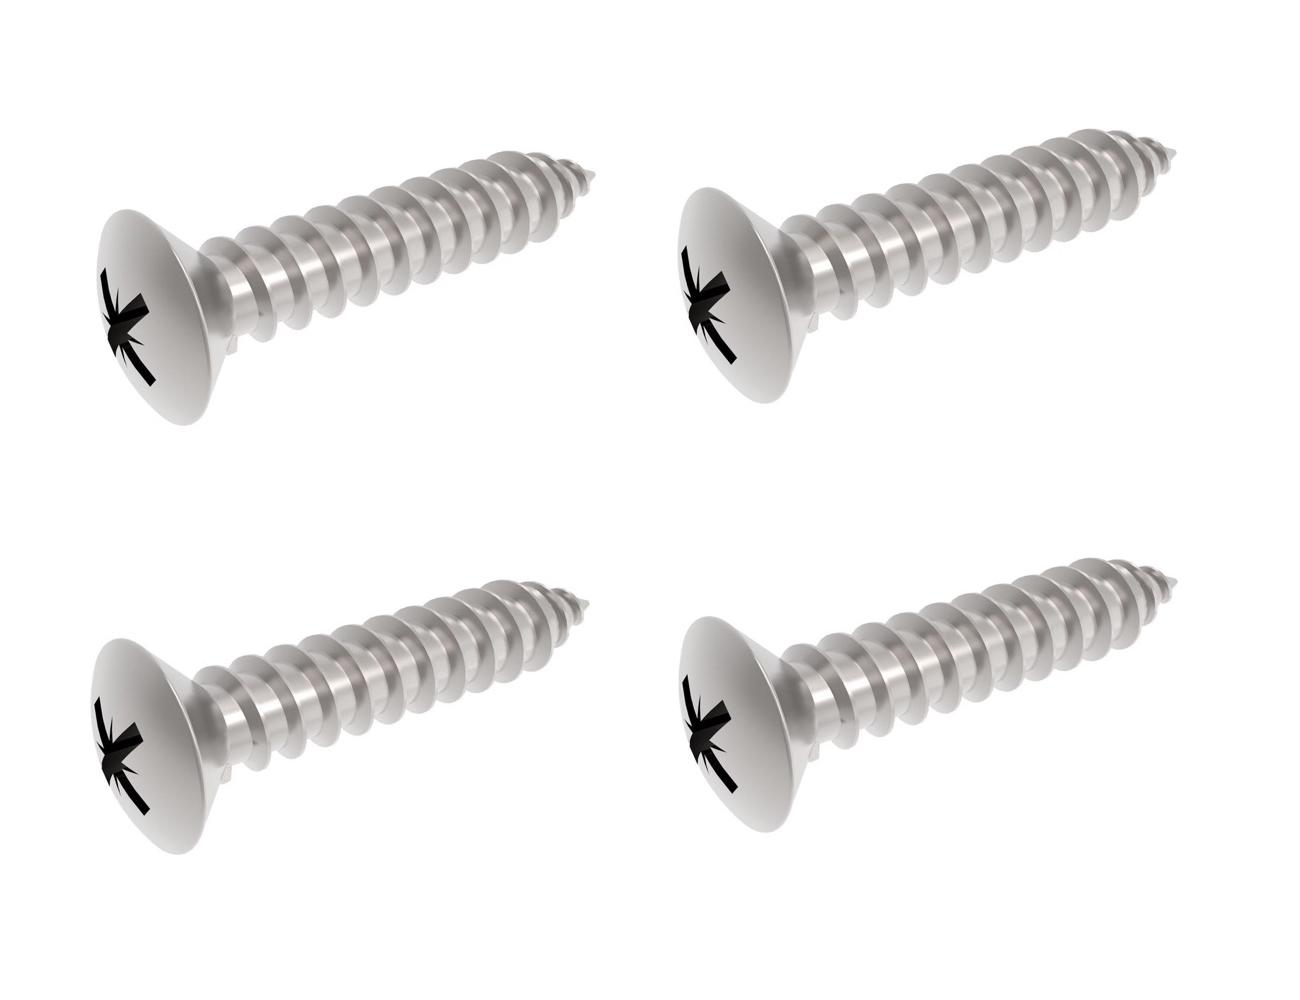 cl244-screws.jpg